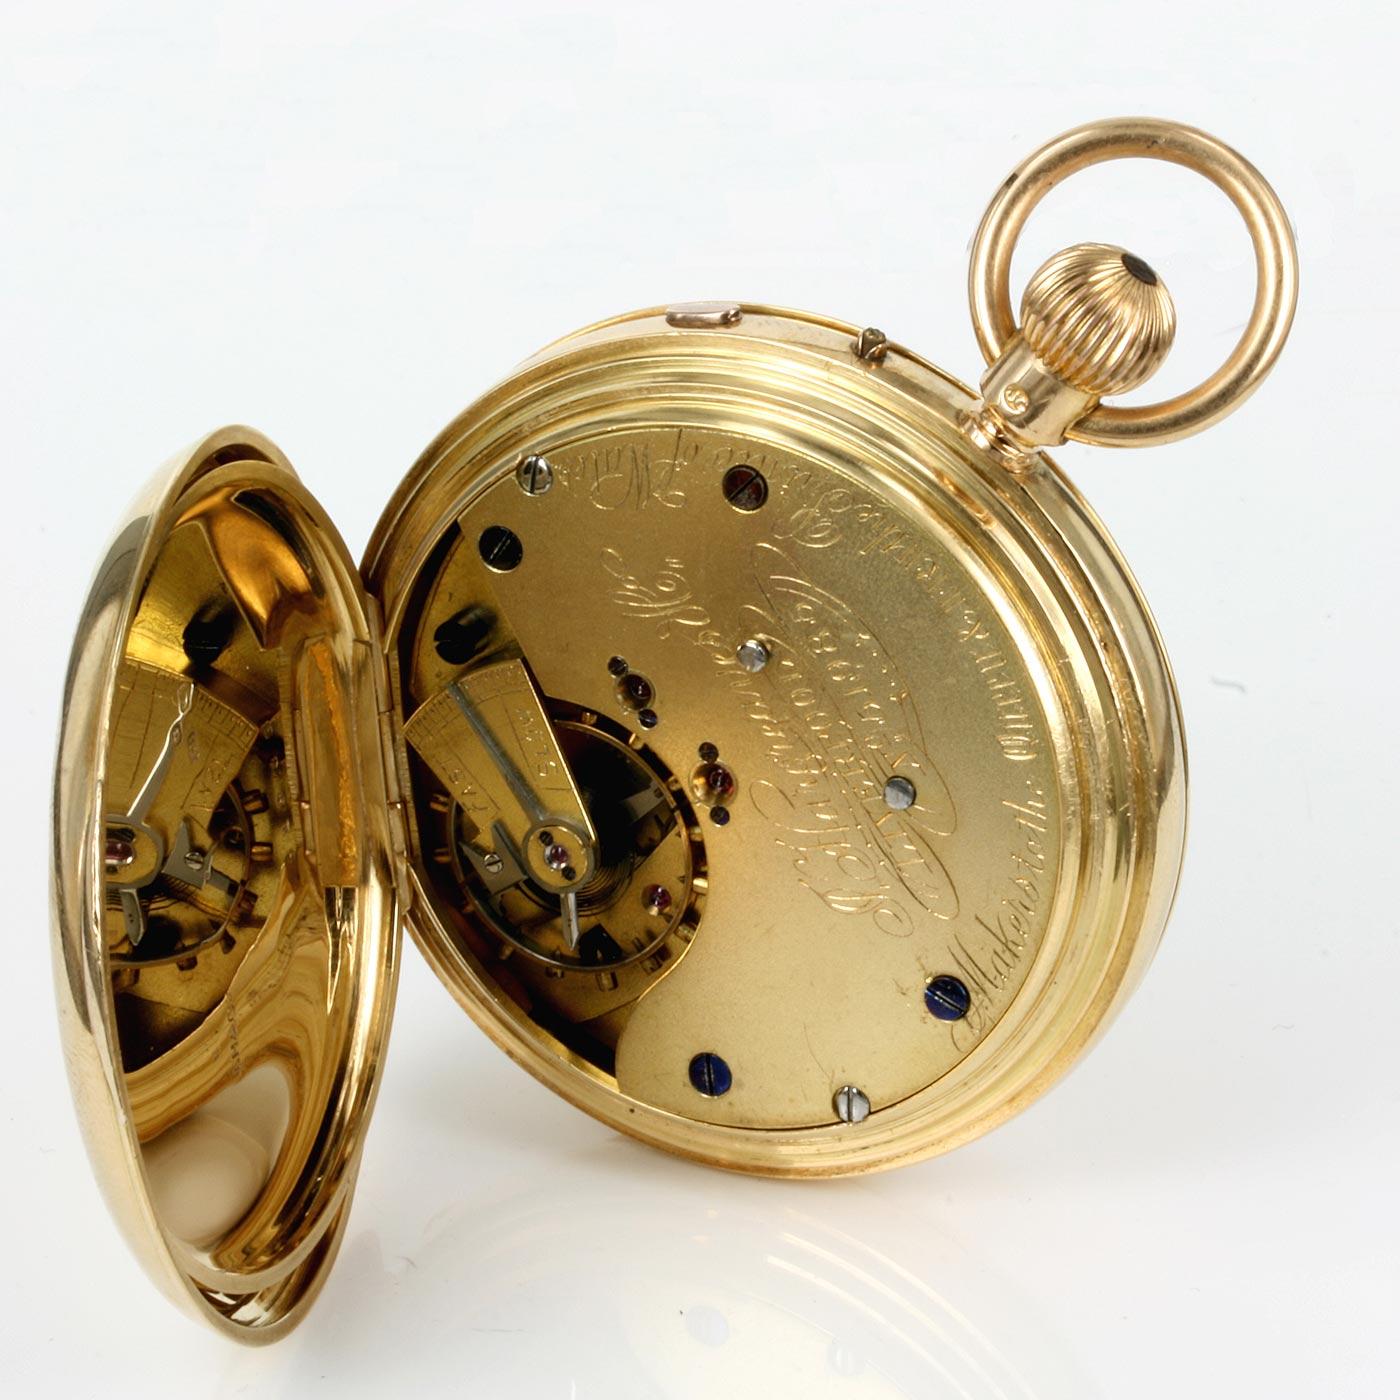 J. HARGREAVES & Co. STOP-WORK 18K SOLID GOLD POCKET …